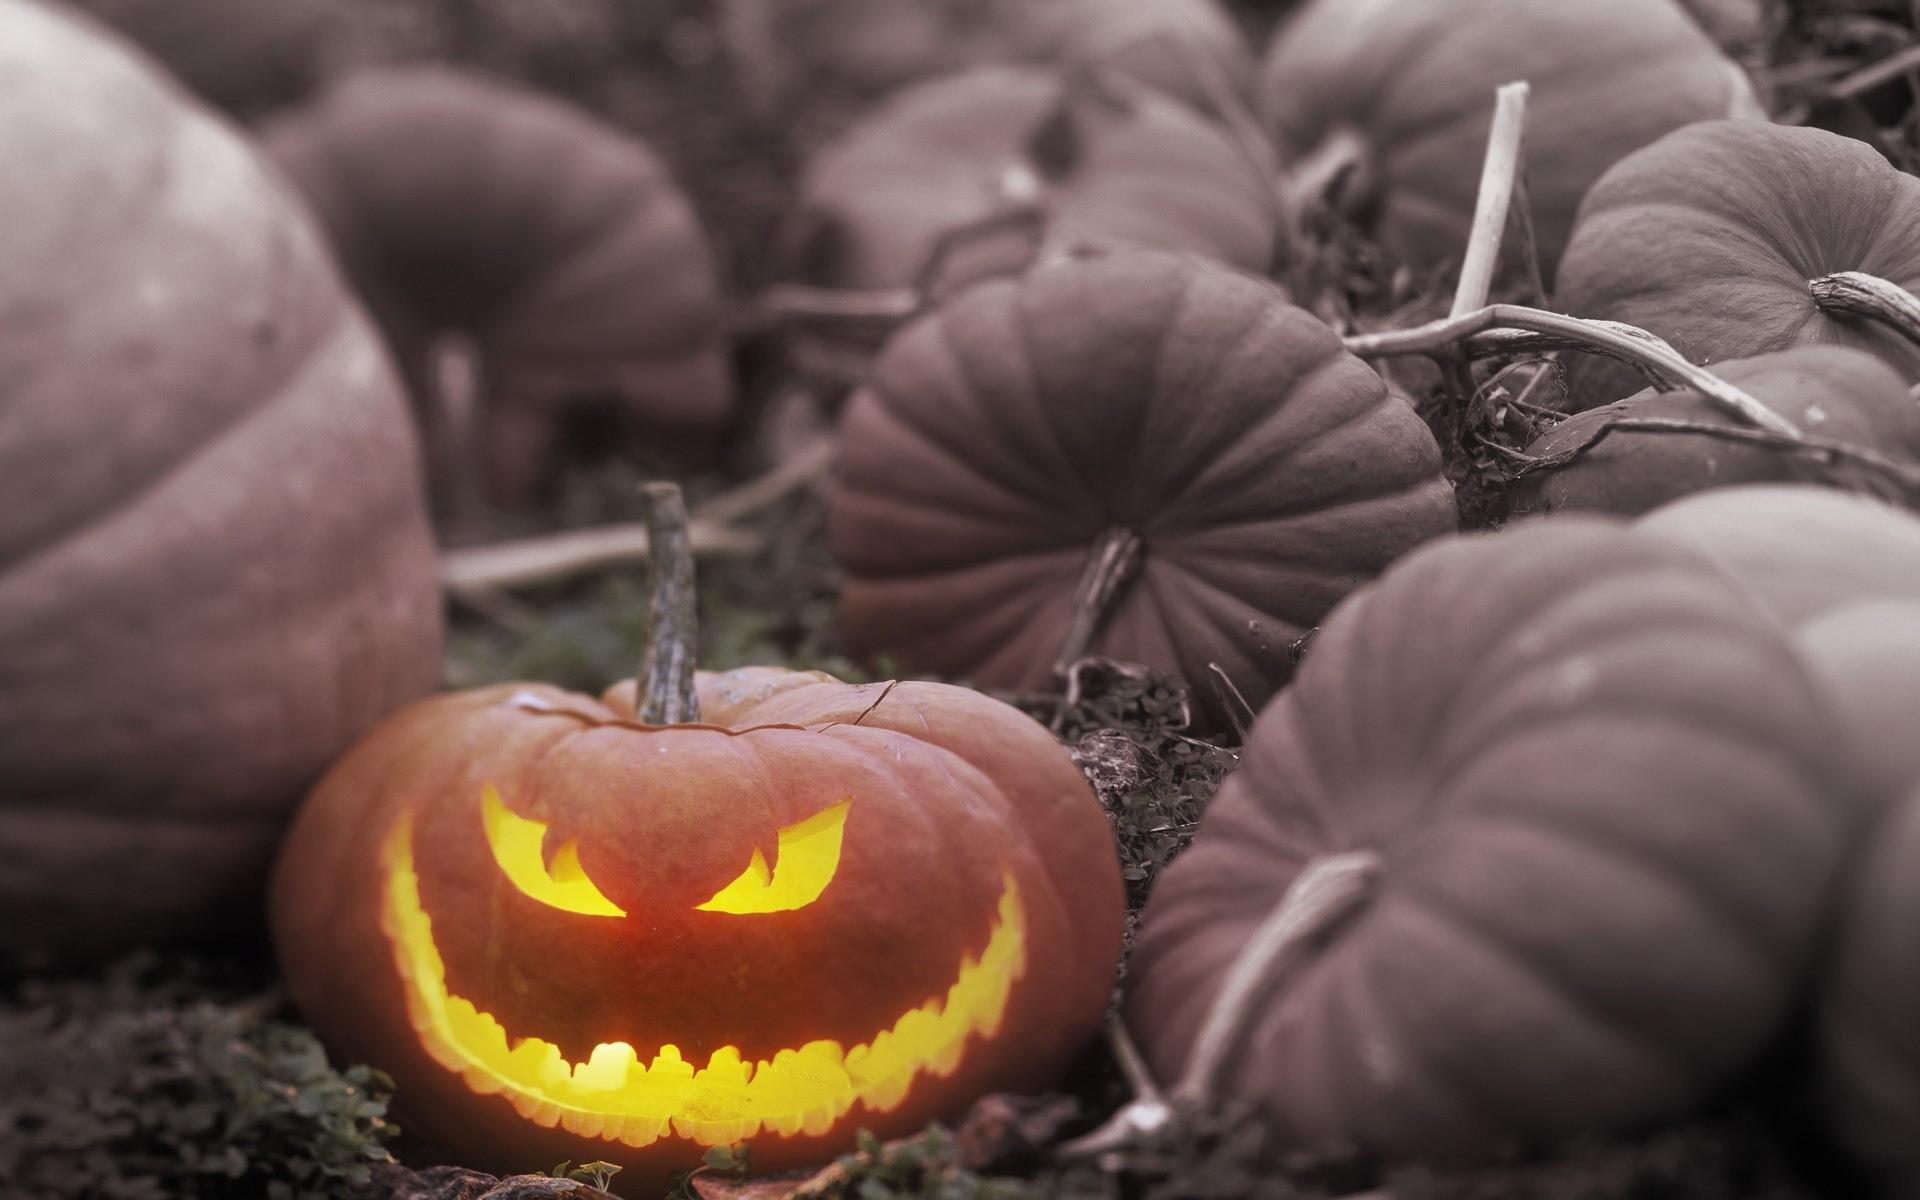 Light Halloween Pumpkin Backgrounds.